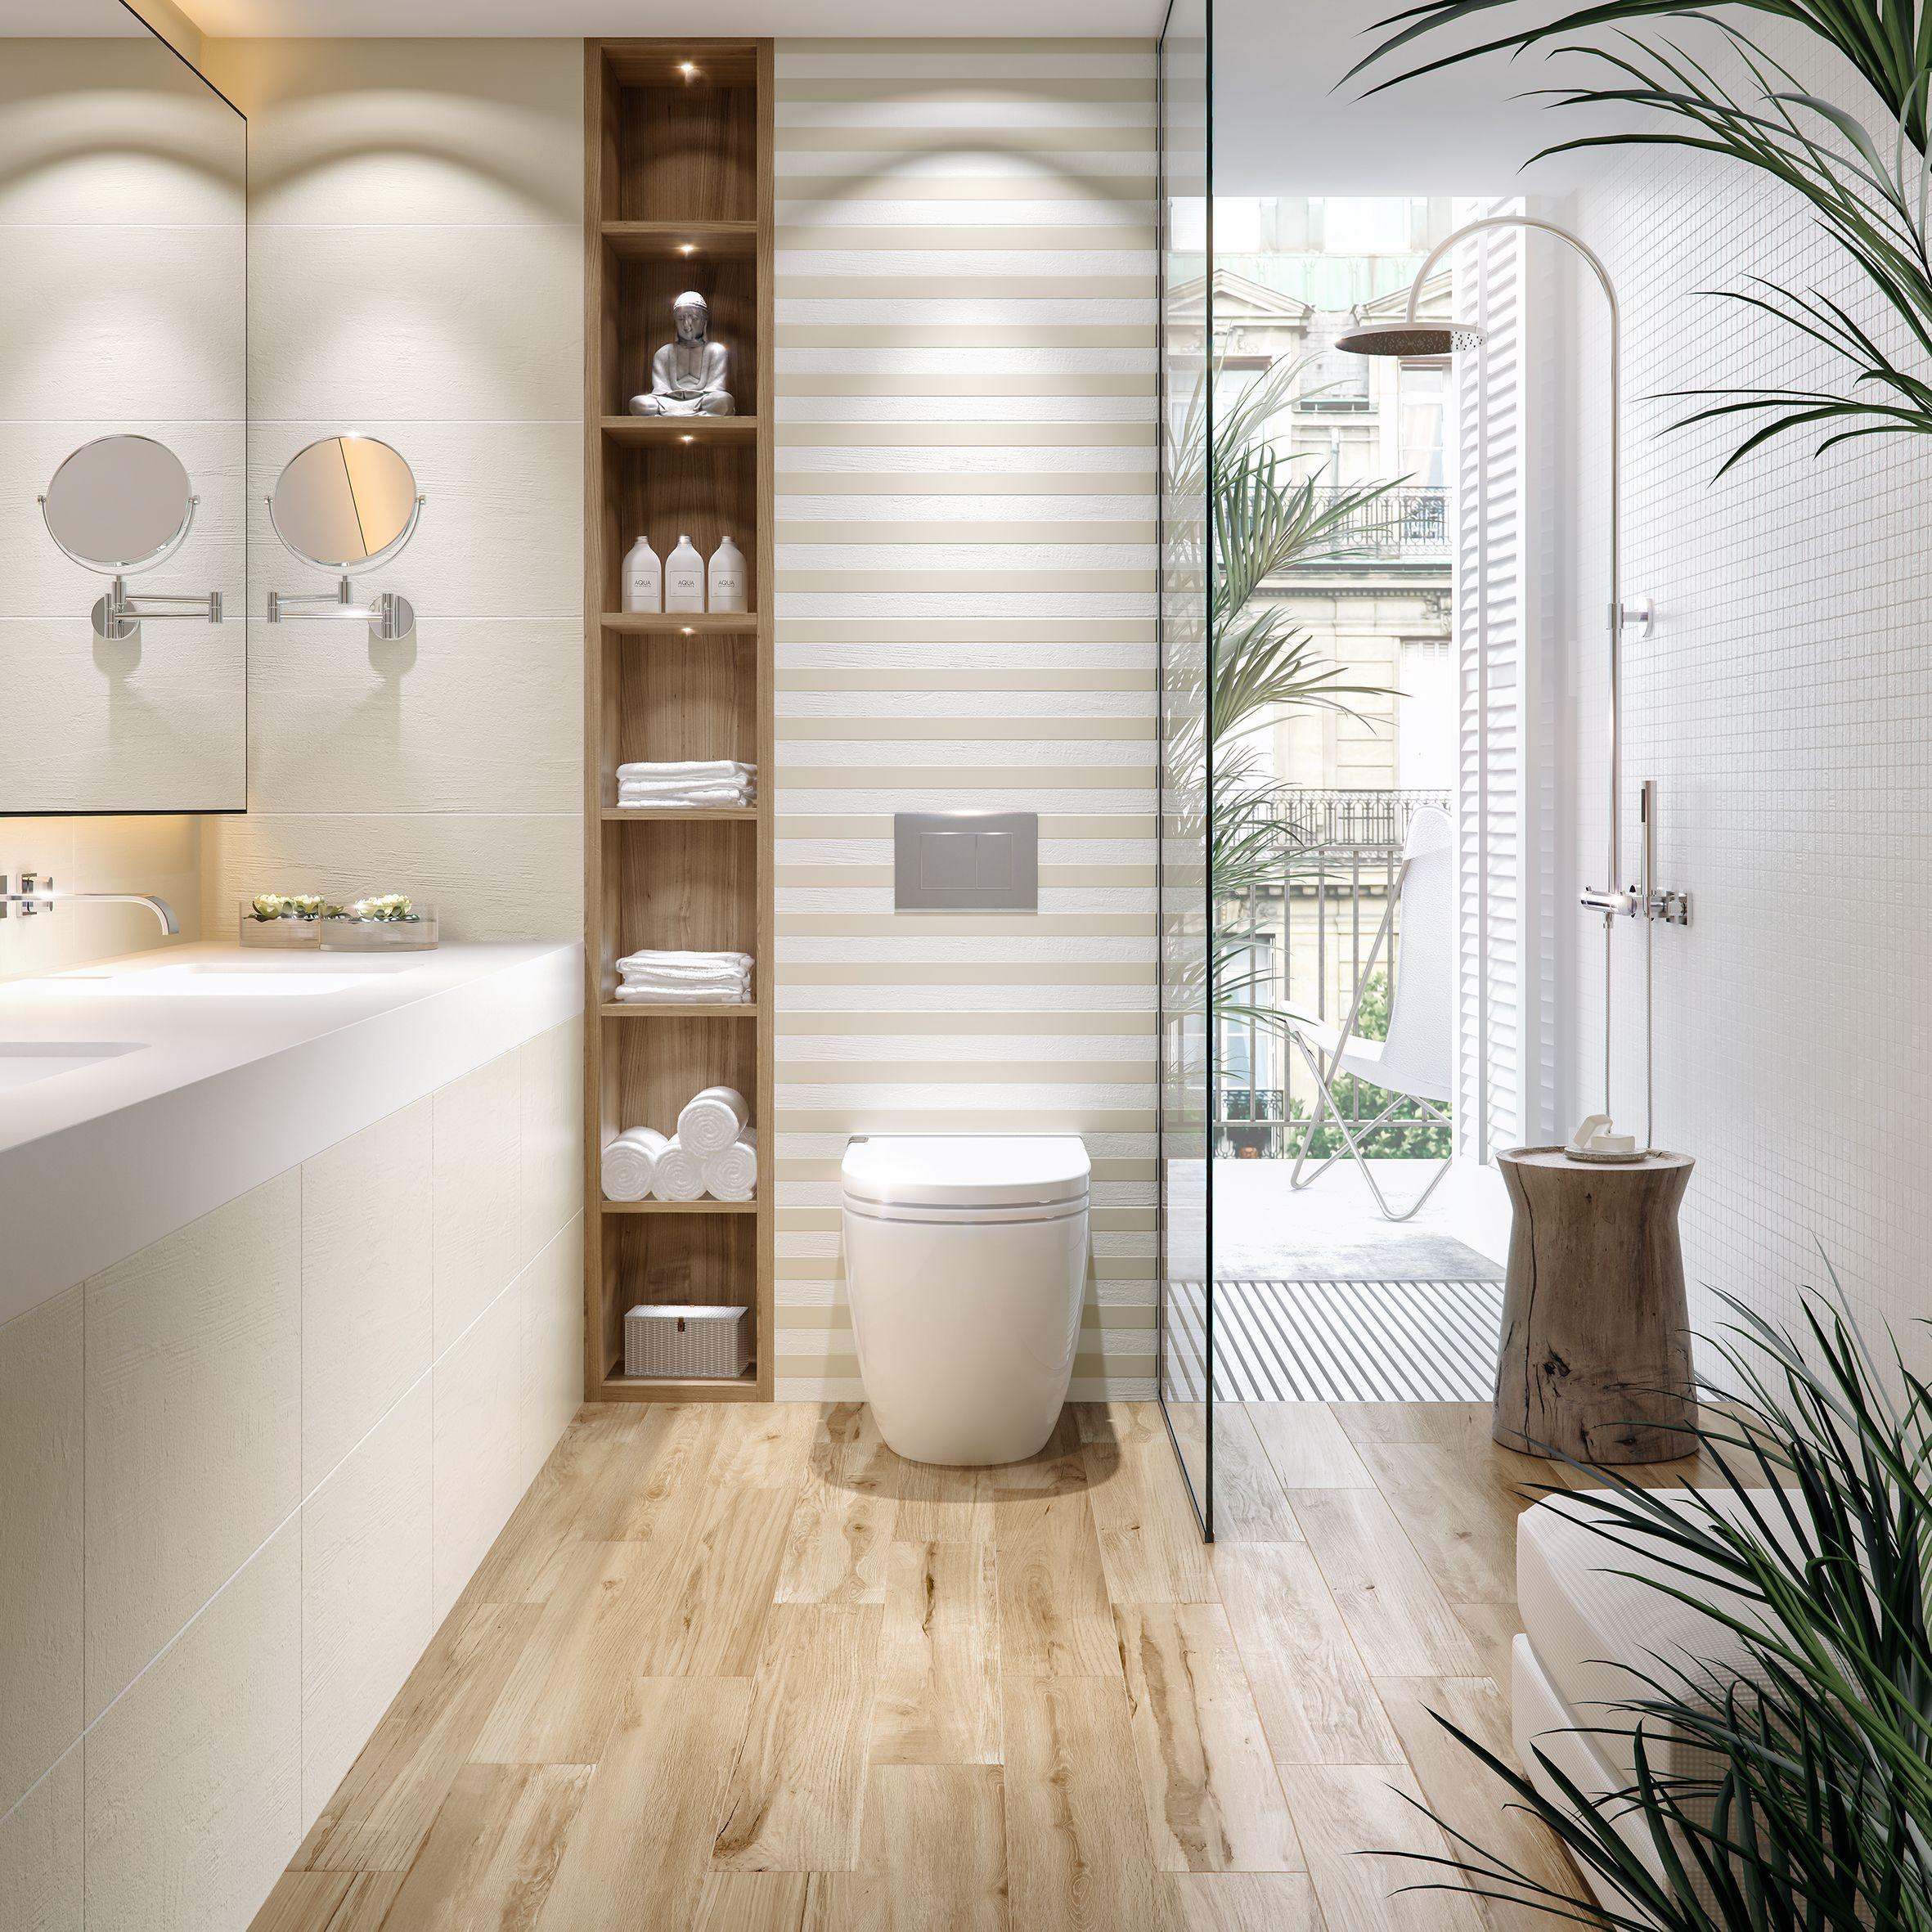 Holzoptikfliesen Im Bad In 2020 Minimalistische Badgestaltung Badezimmer Braun Badezimmer Holzboden